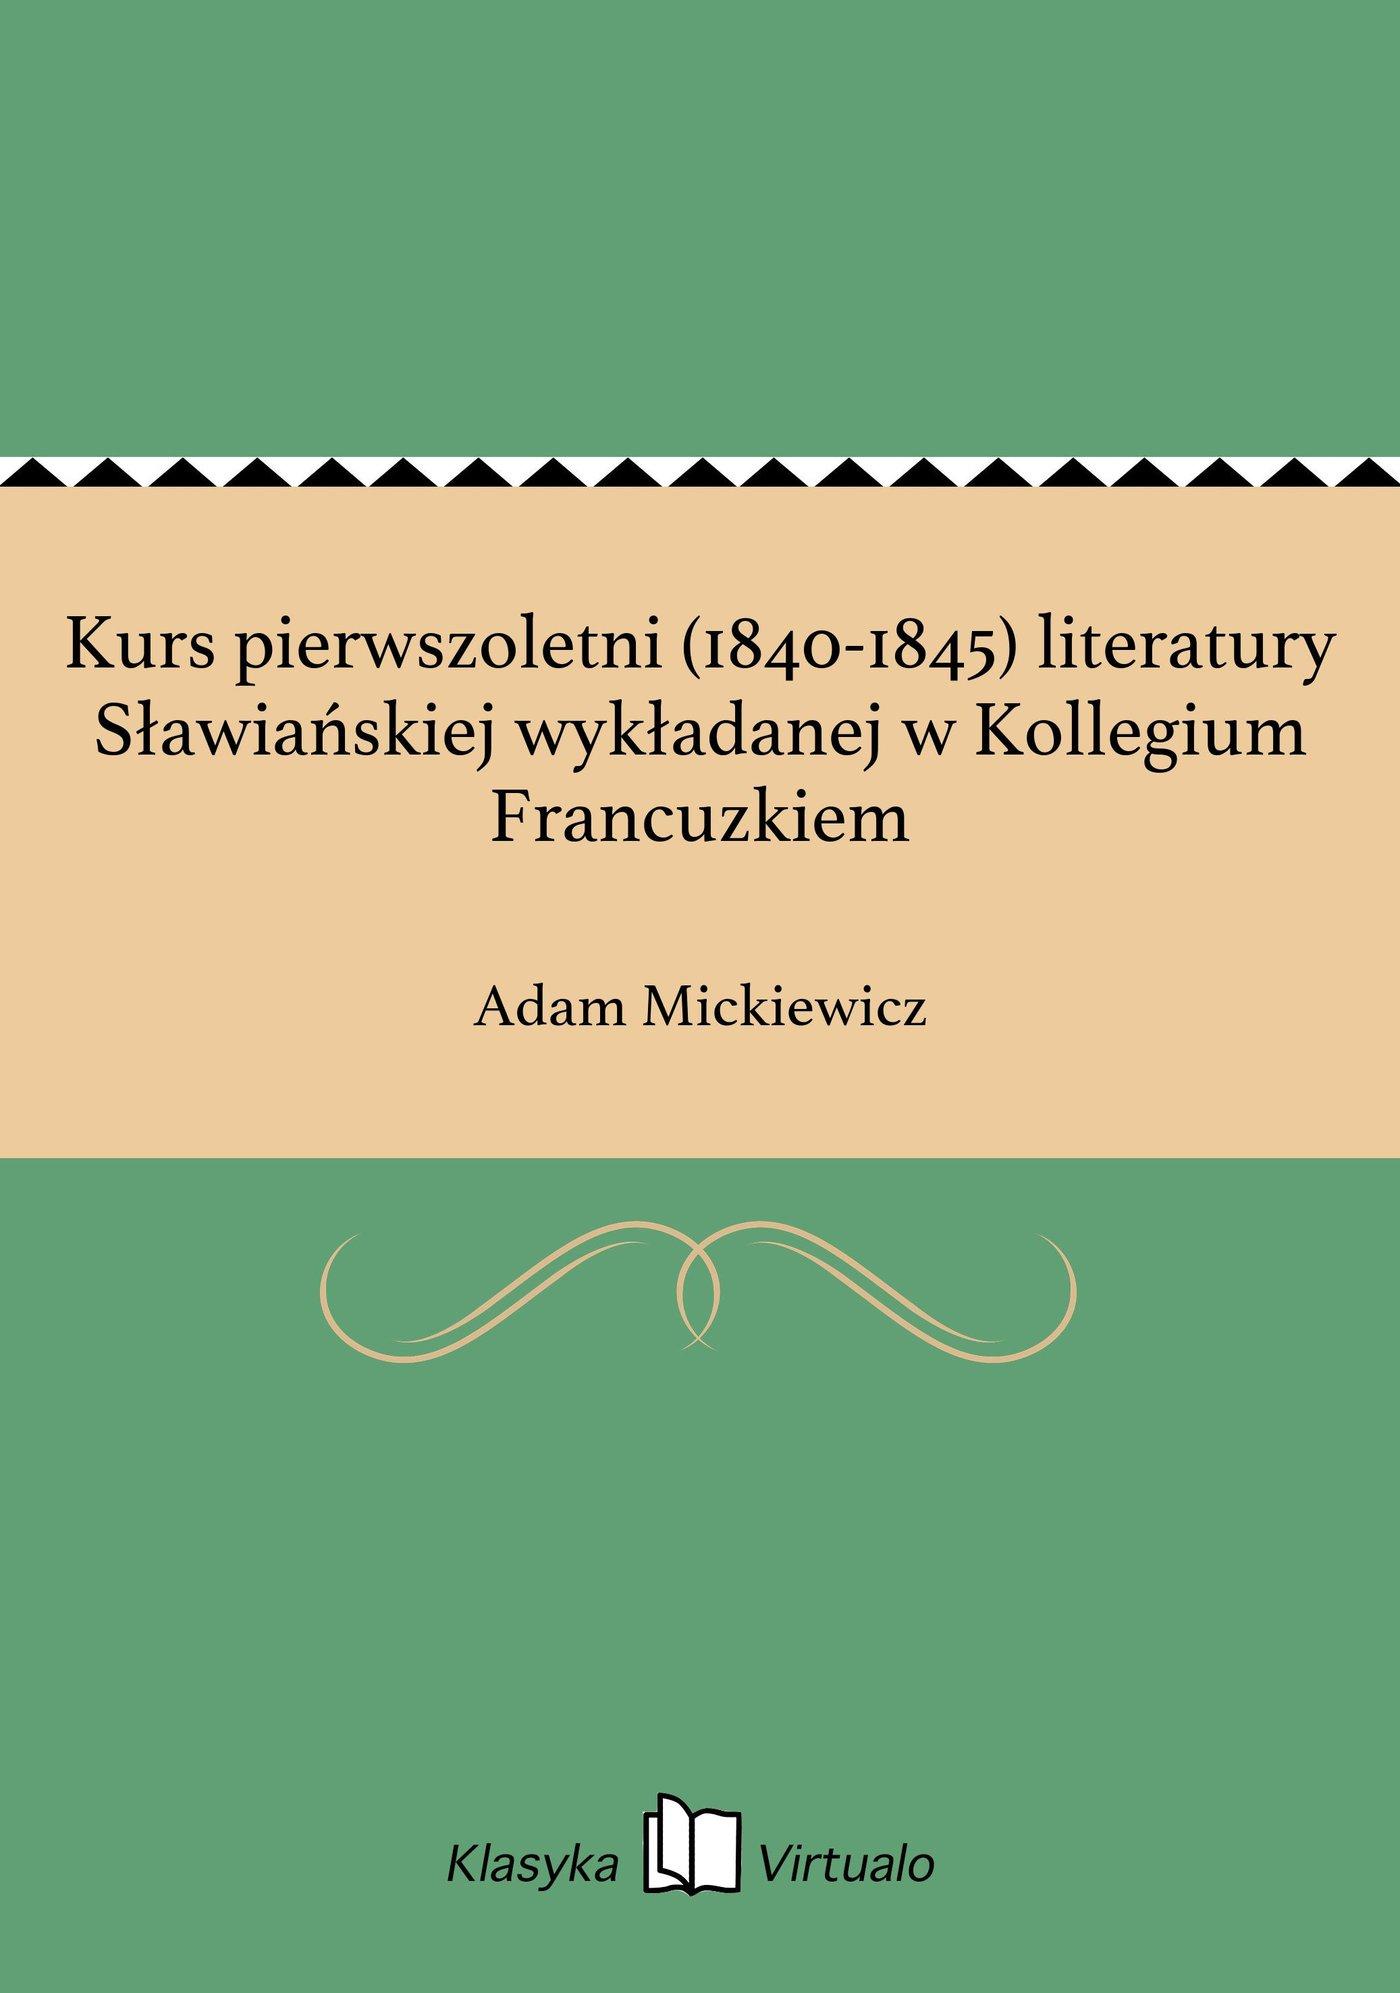 Kurs pierwszoletni (1840-1845) literatury Sławiańskiej wykładanej w Kollegium Francuzkiem - Ebook (Książka na Kindle) do pobrania w formacie MOBI